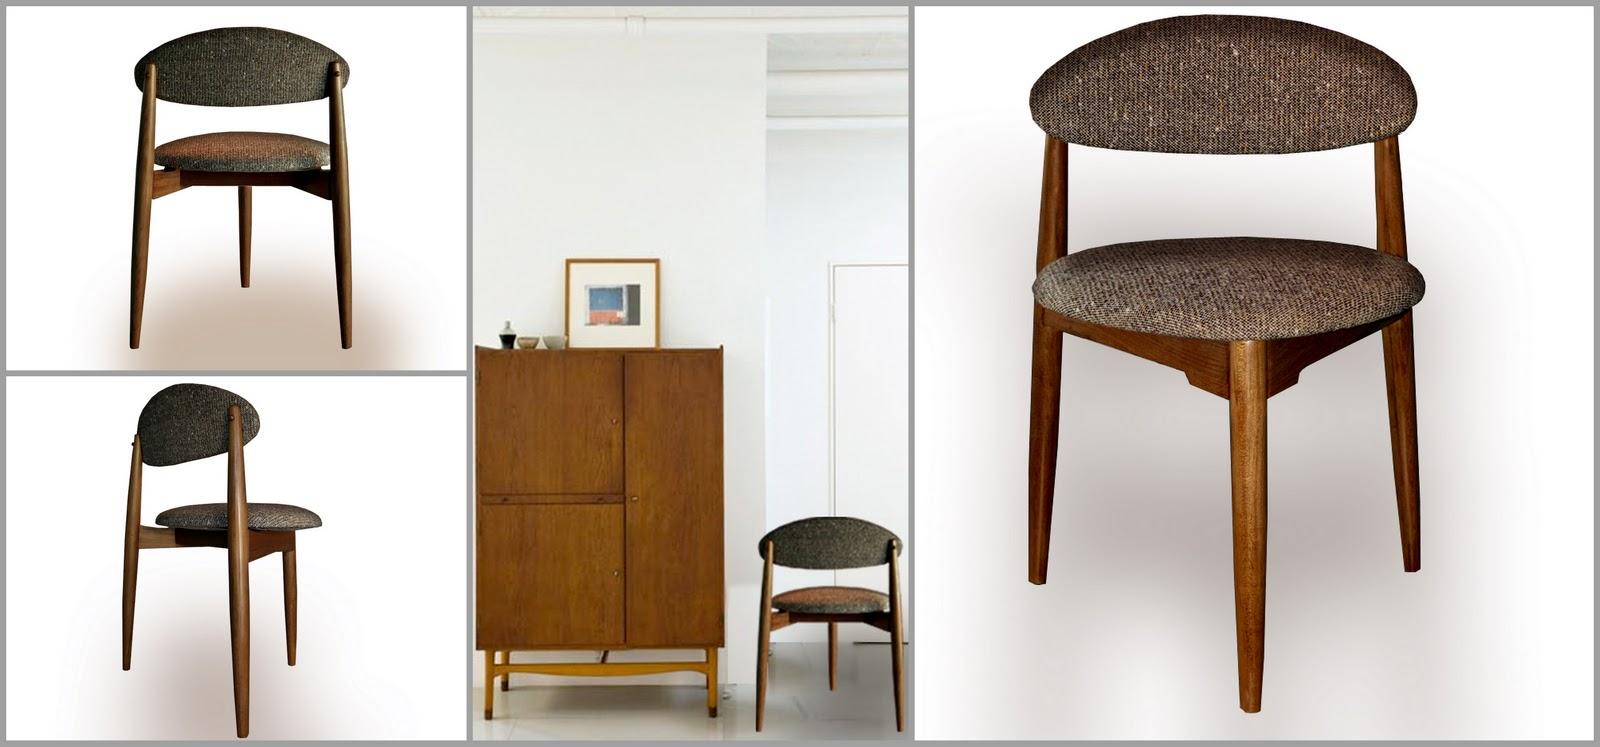 Laboratorio de objetos muebles recuperados deco for Silla escandinava